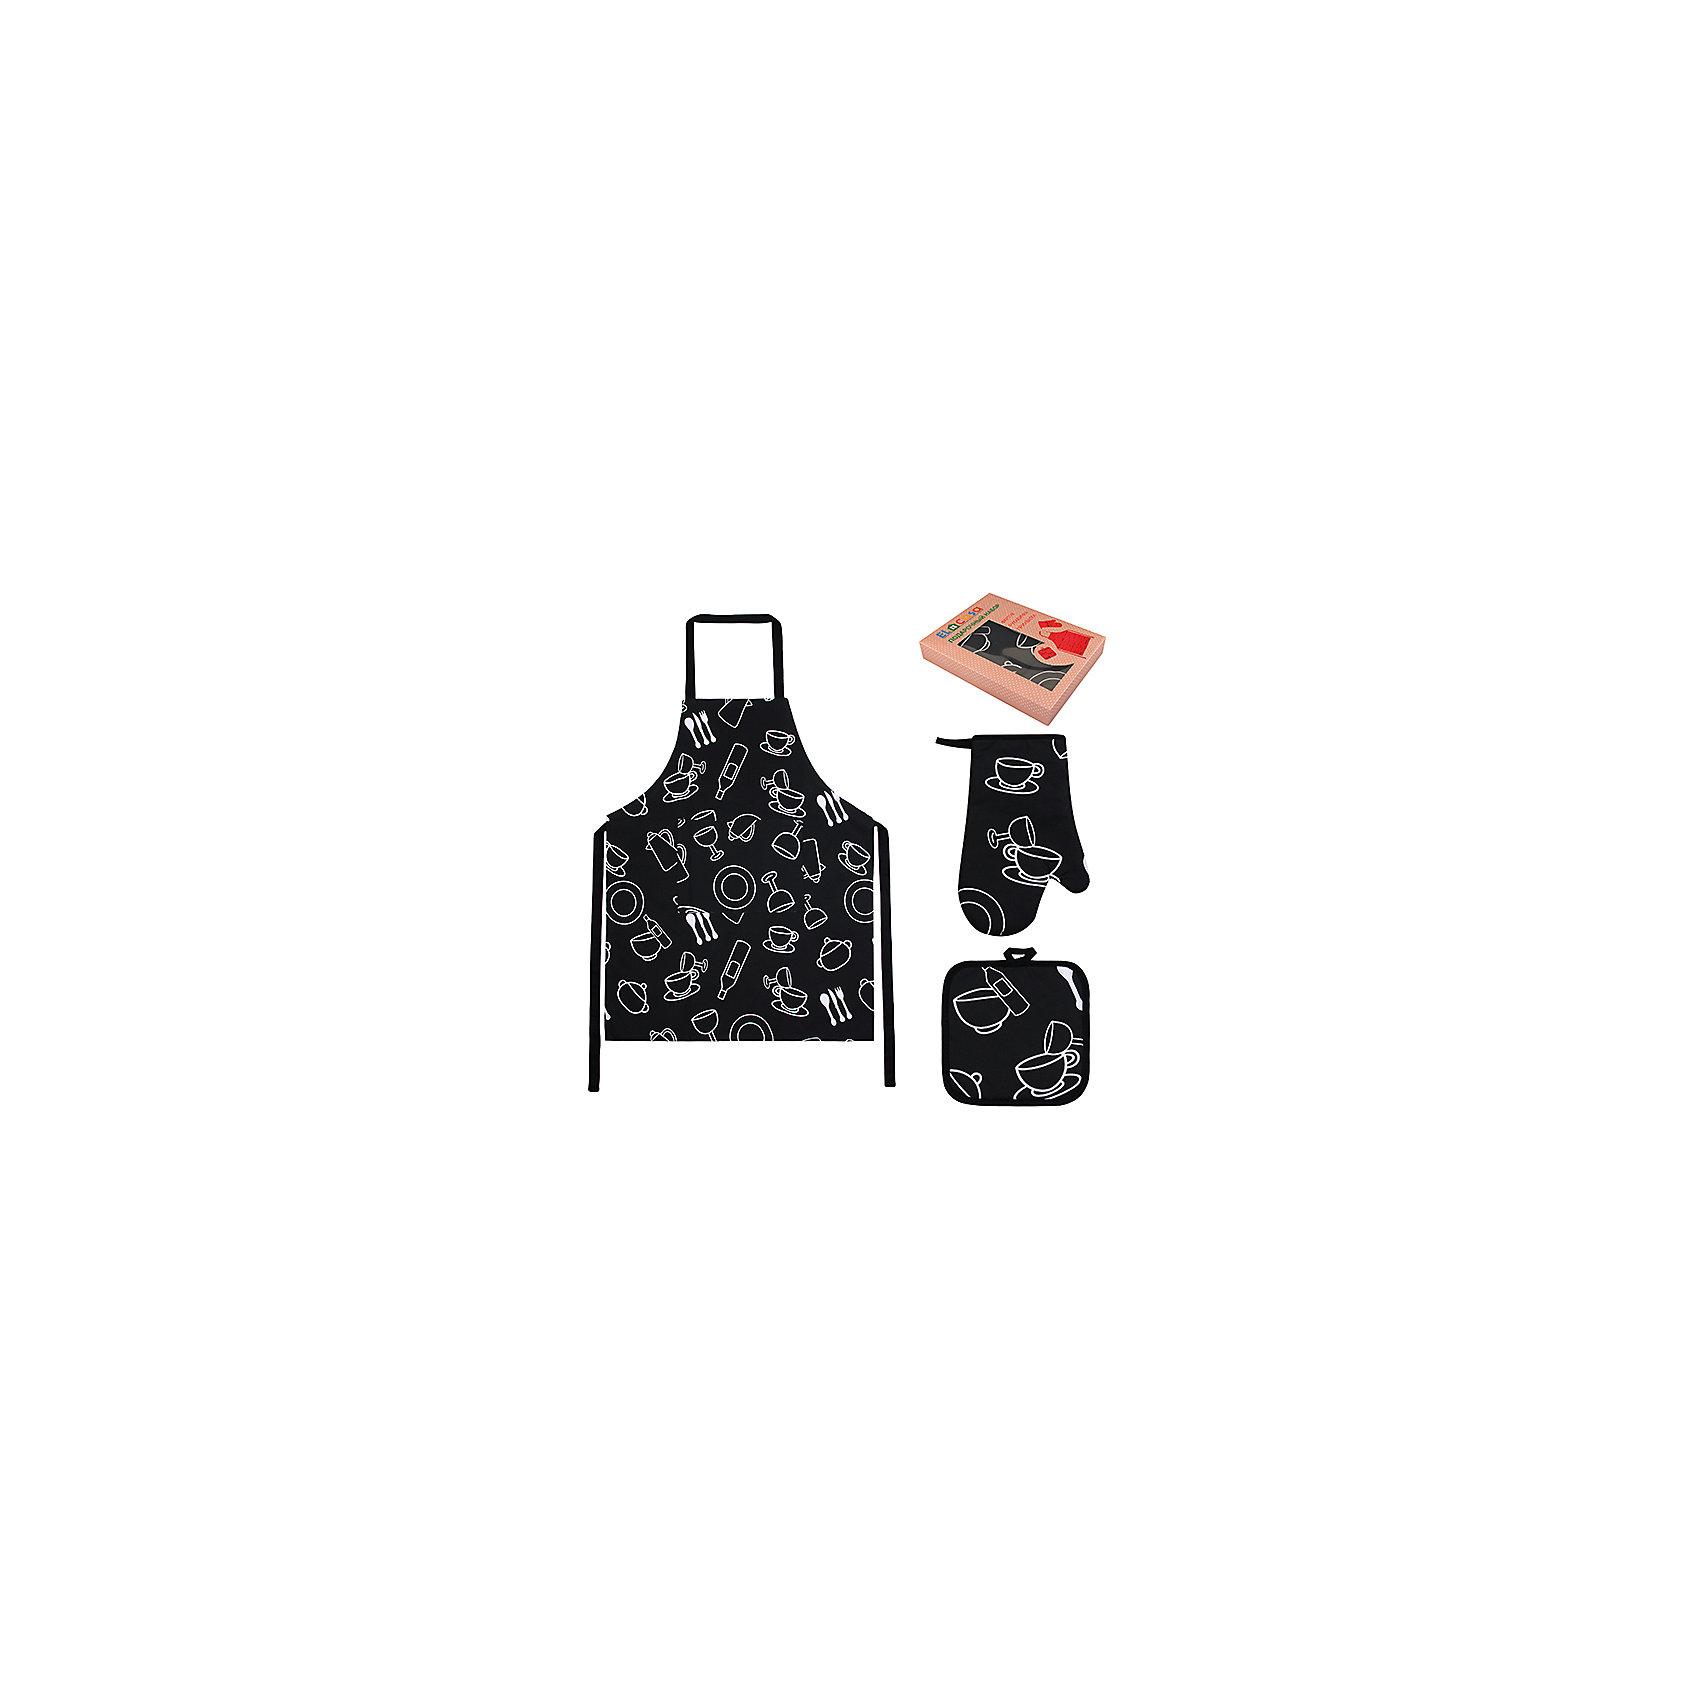 Набор: фартук, прихватка, рукавичка Чашки-рюмки, EL CasaПосуда<br>Набор включает в себя фартук, одну прихватку и одну прихватку-рукавицу  и предлагается в подарочной коробке. Оригинальный дизайн понравится любой хозяйке и защитит одежду от загрязнения.<br><br>Ширина мм: 230<br>Глубина мм: 45<br>Высота мм: 300<br>Вес г: 415<br>Возраст от месяцев: 0<br>Возраст до месяцев: 1188<br>Пол: Унисекс<br>Возраст: Детский<br>SKU: 6668804